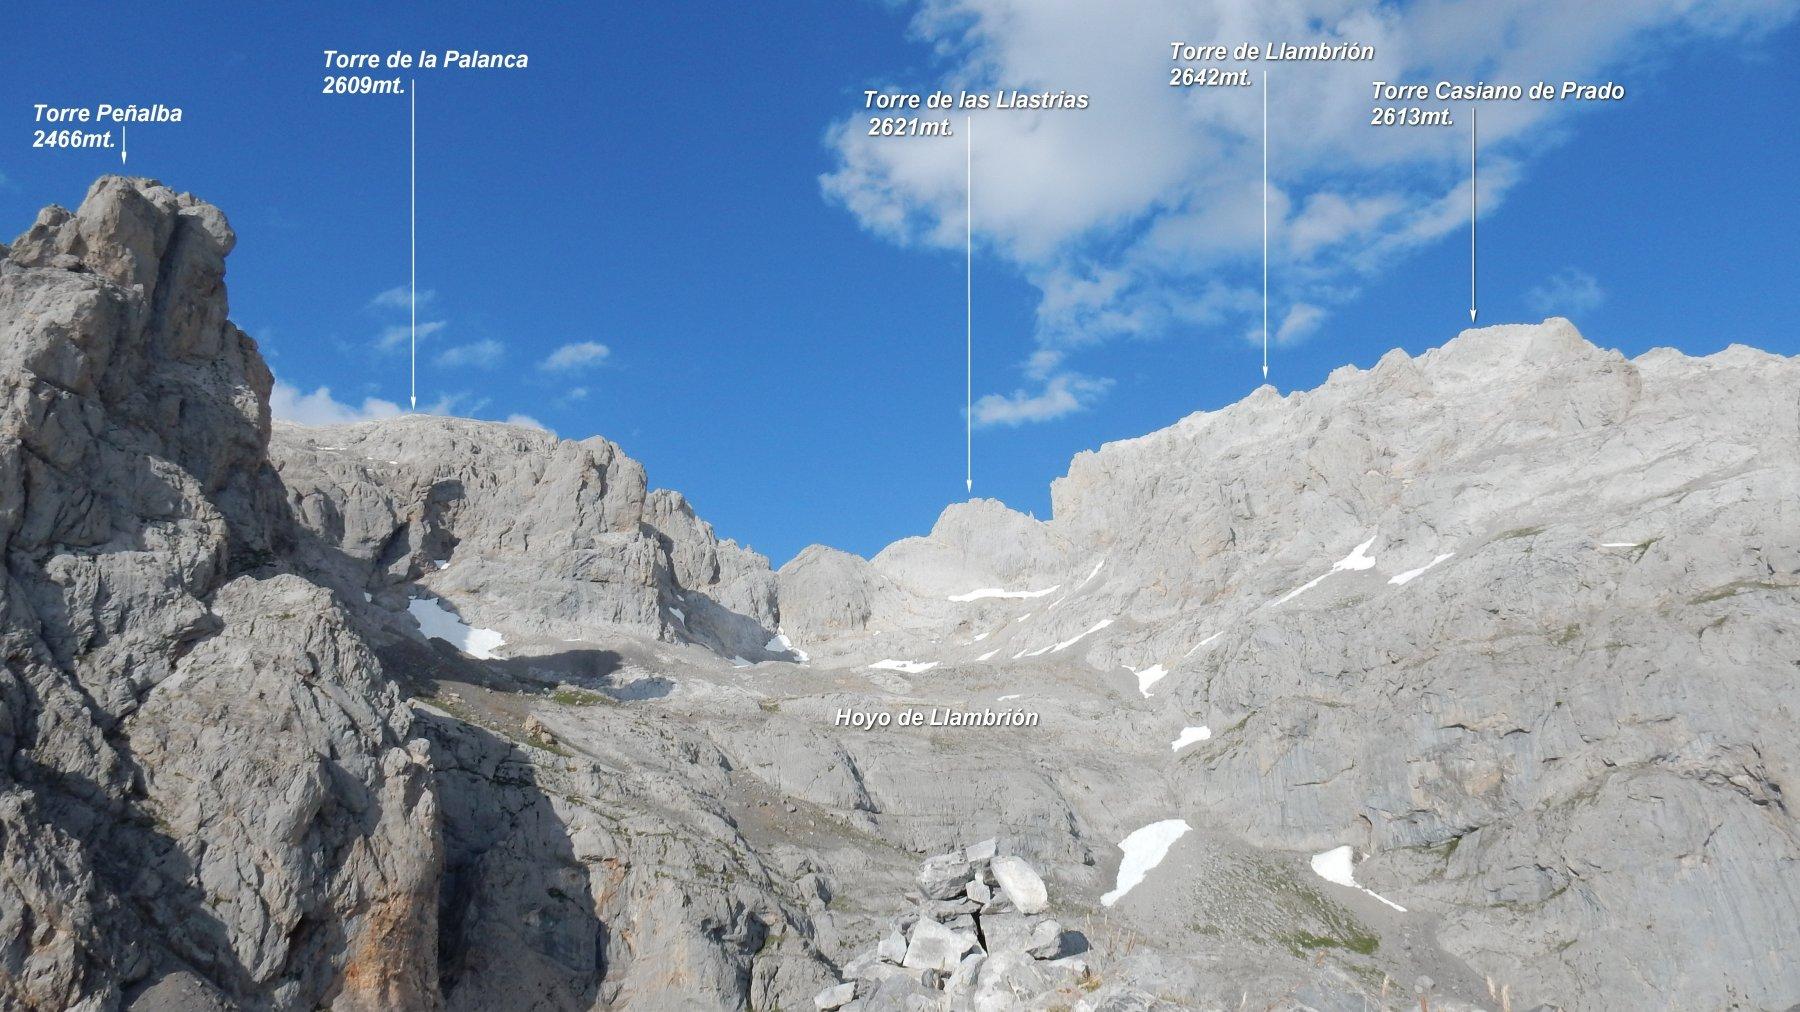 Picos de Europa (Anillo) tappa 4: dal Refugio Vegabano a Refugio de Collado Jermoso 2018-08-08